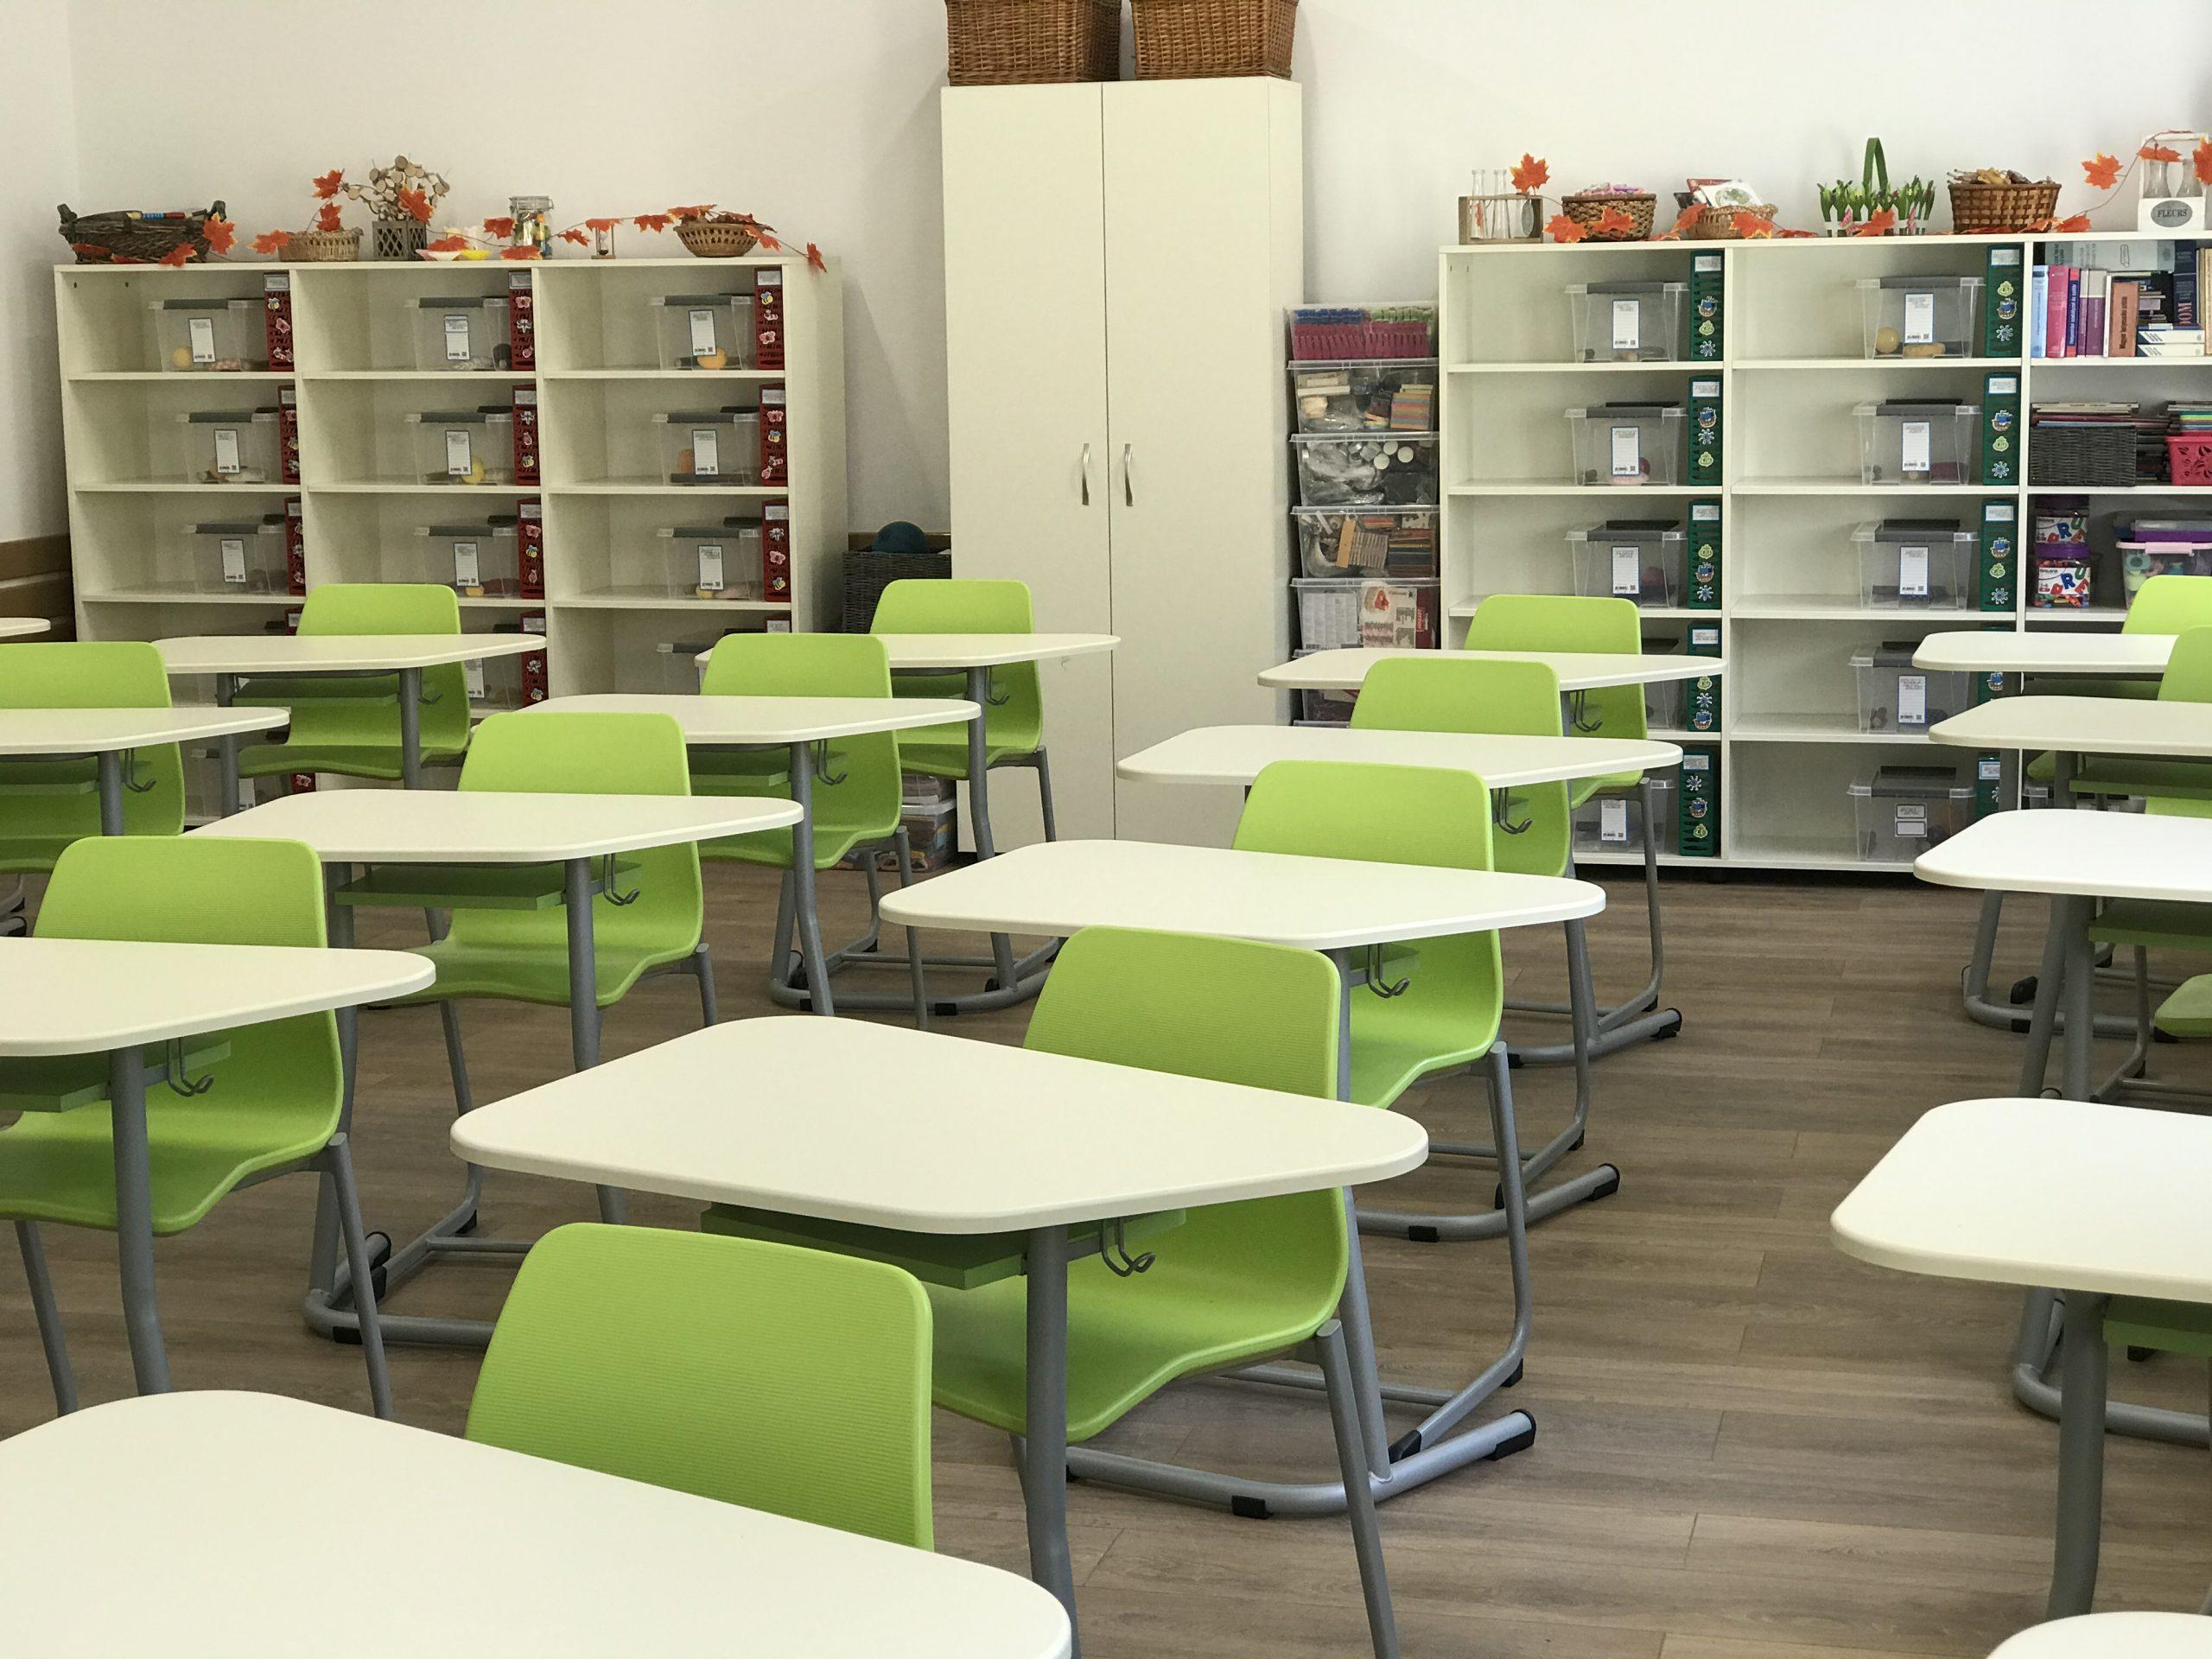 Banci scolare aranjte in clasa - Masa modulara MATTE ECTA